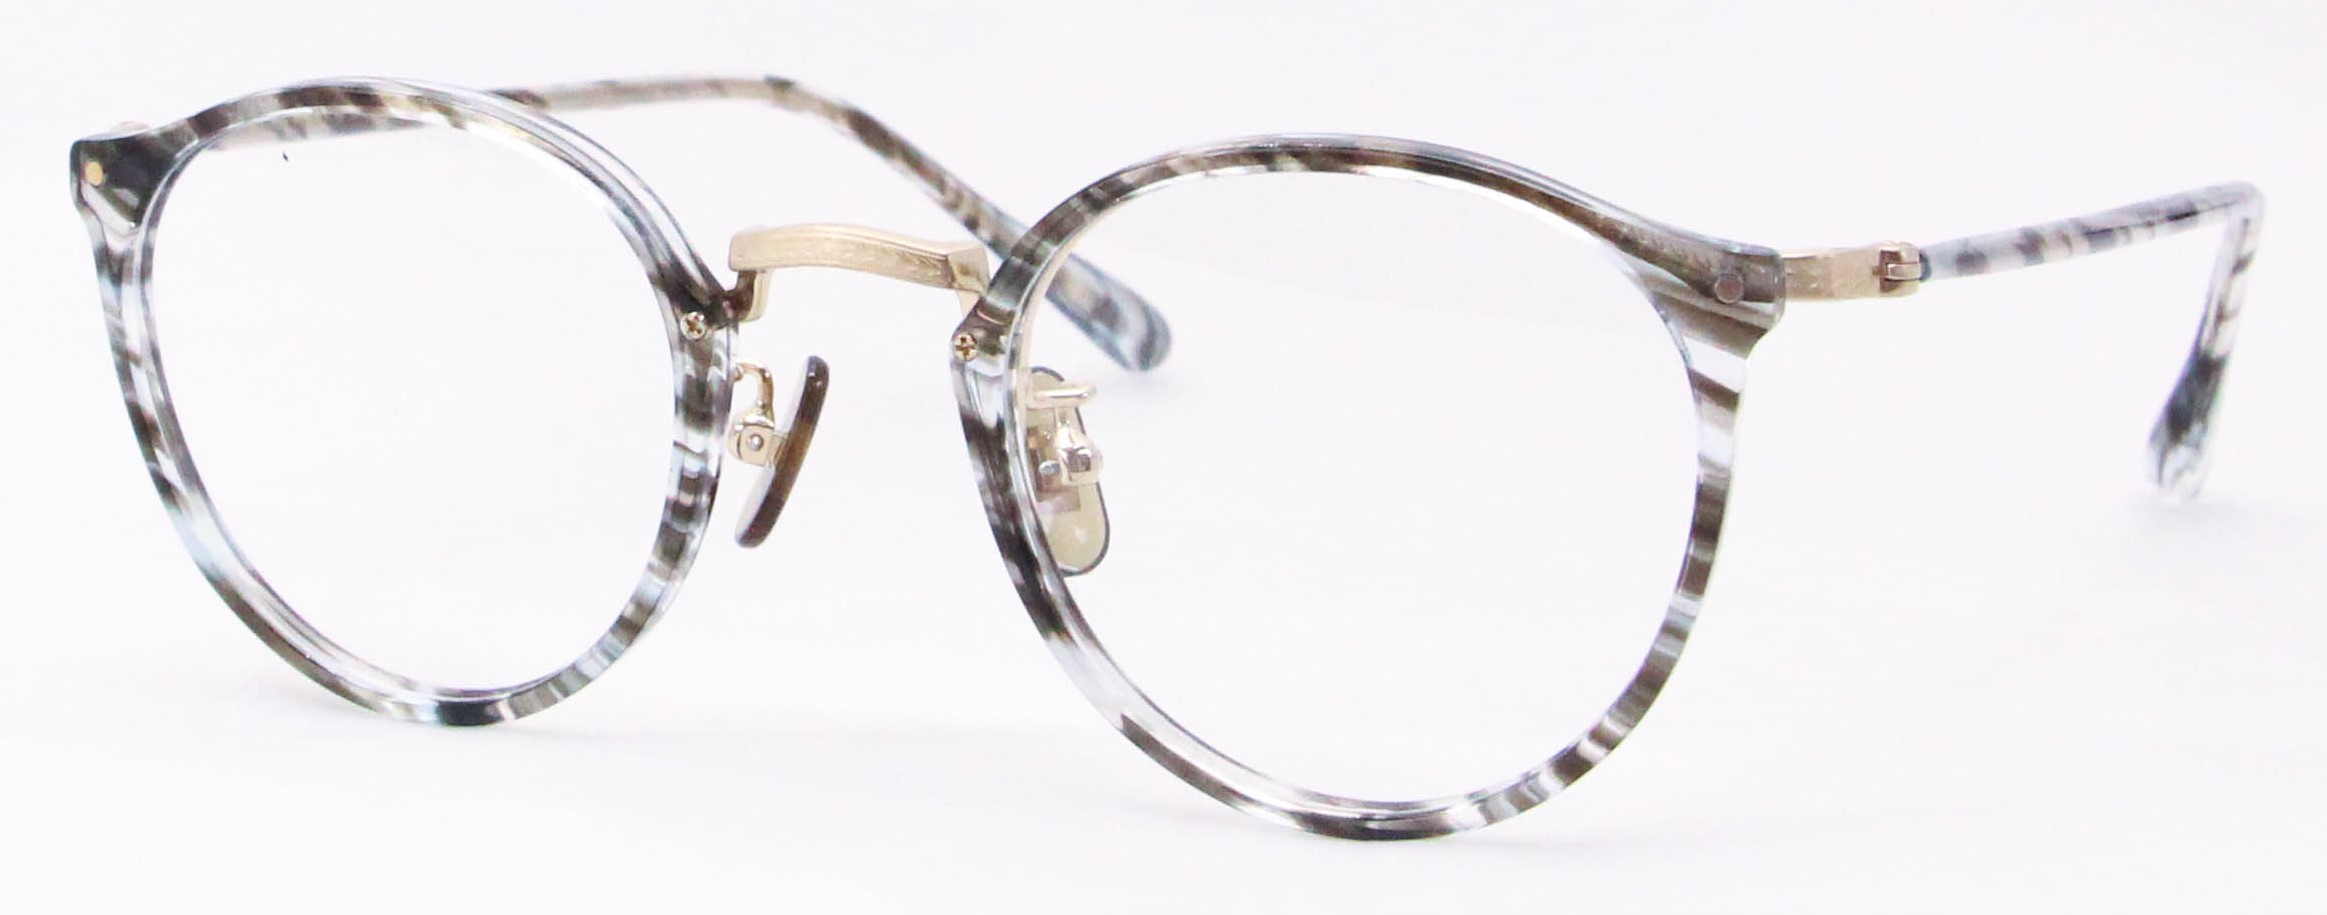 眼鏡のカラータイプC-3 Blue-Sasa/Gold K10飾り